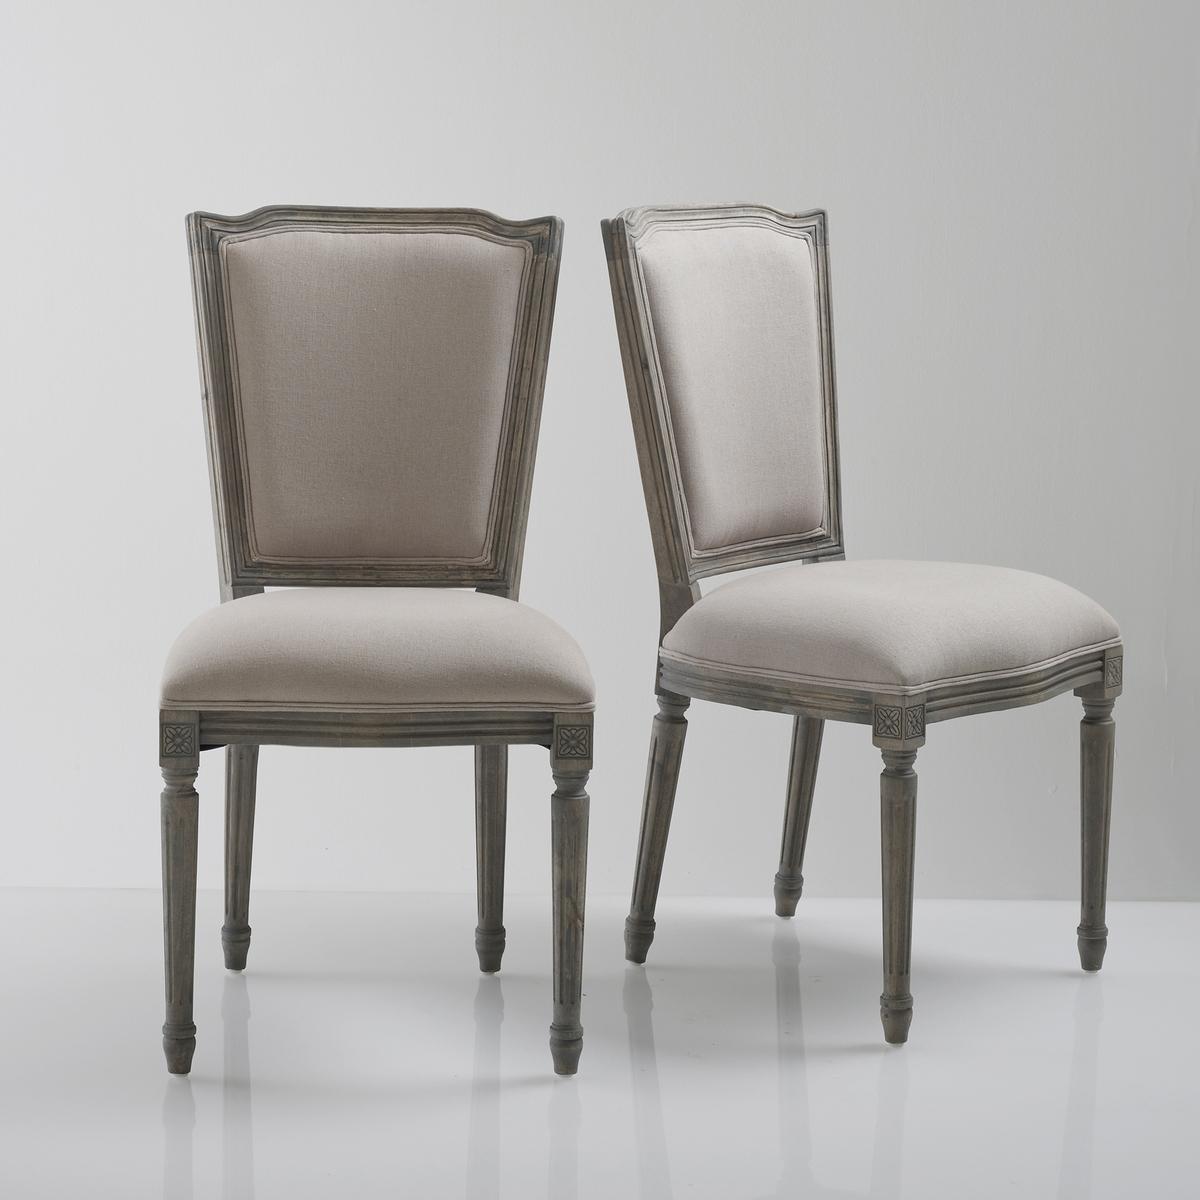 Комплект из 2 стульев в стиле Людовика XVI, Trianon соусница trianon v 160 мл 839295